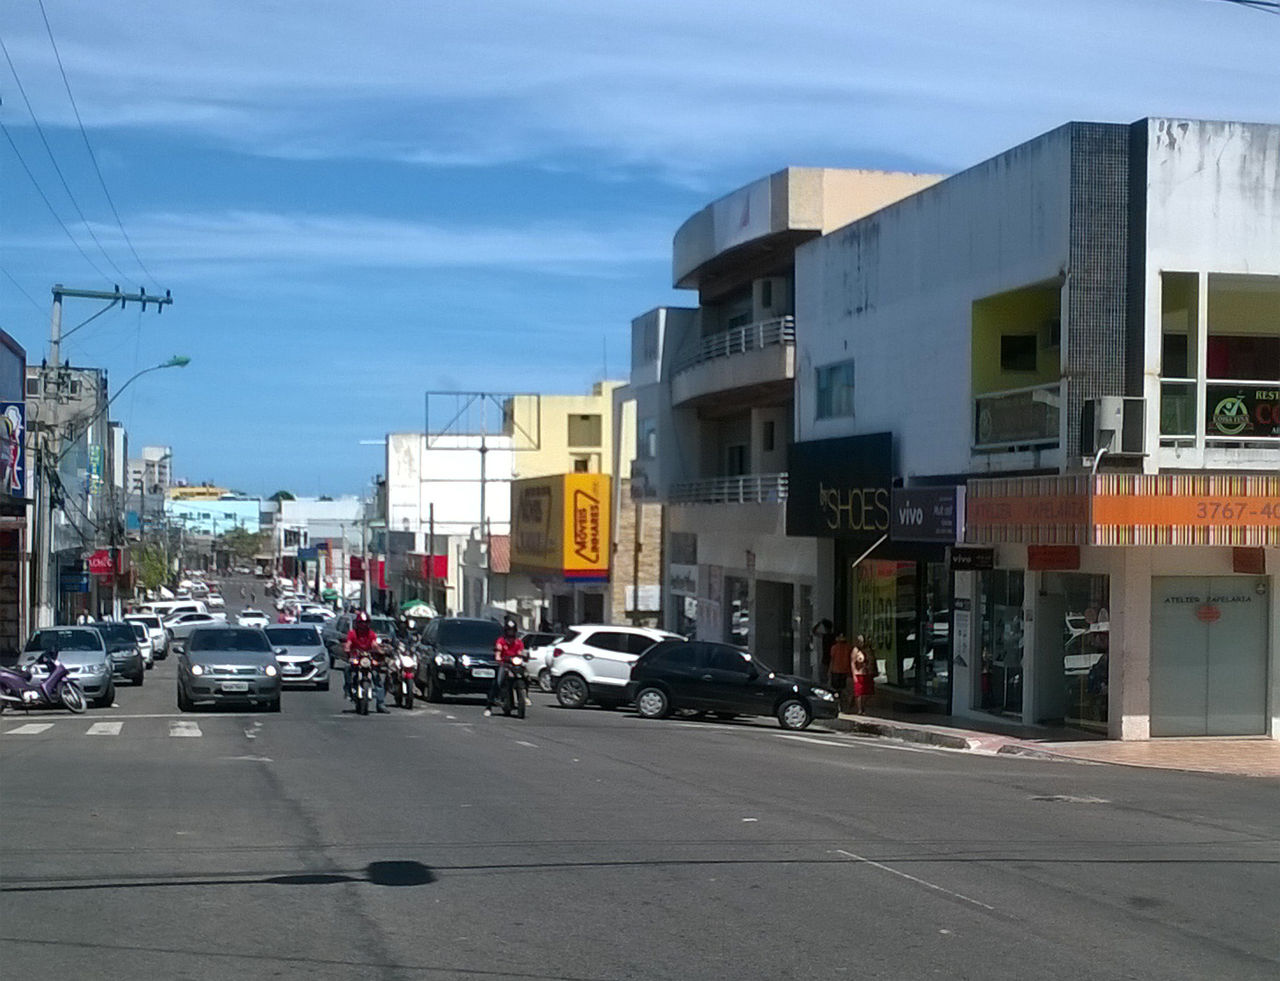 View of São Mateus